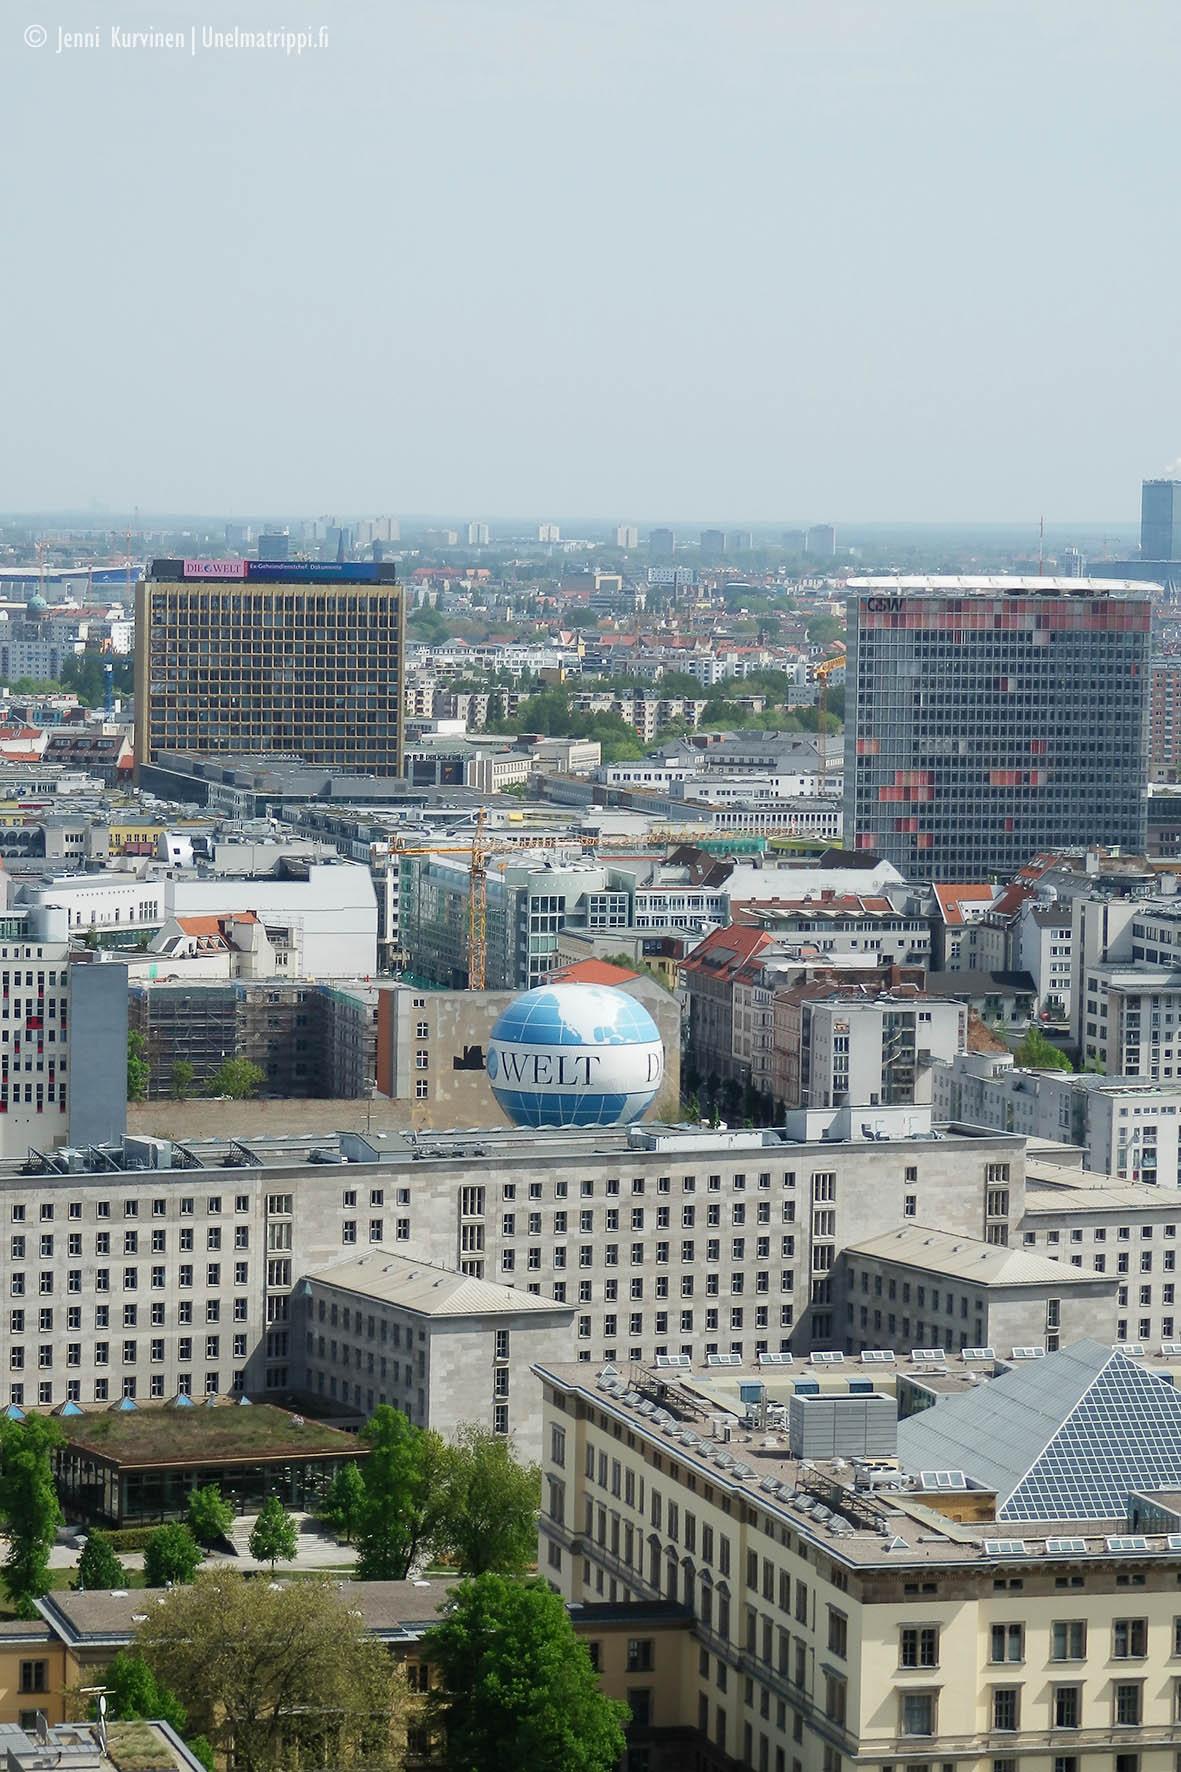 Näkymä Panoramapunktilta Welt-pallon suuntaan vuonna 2012